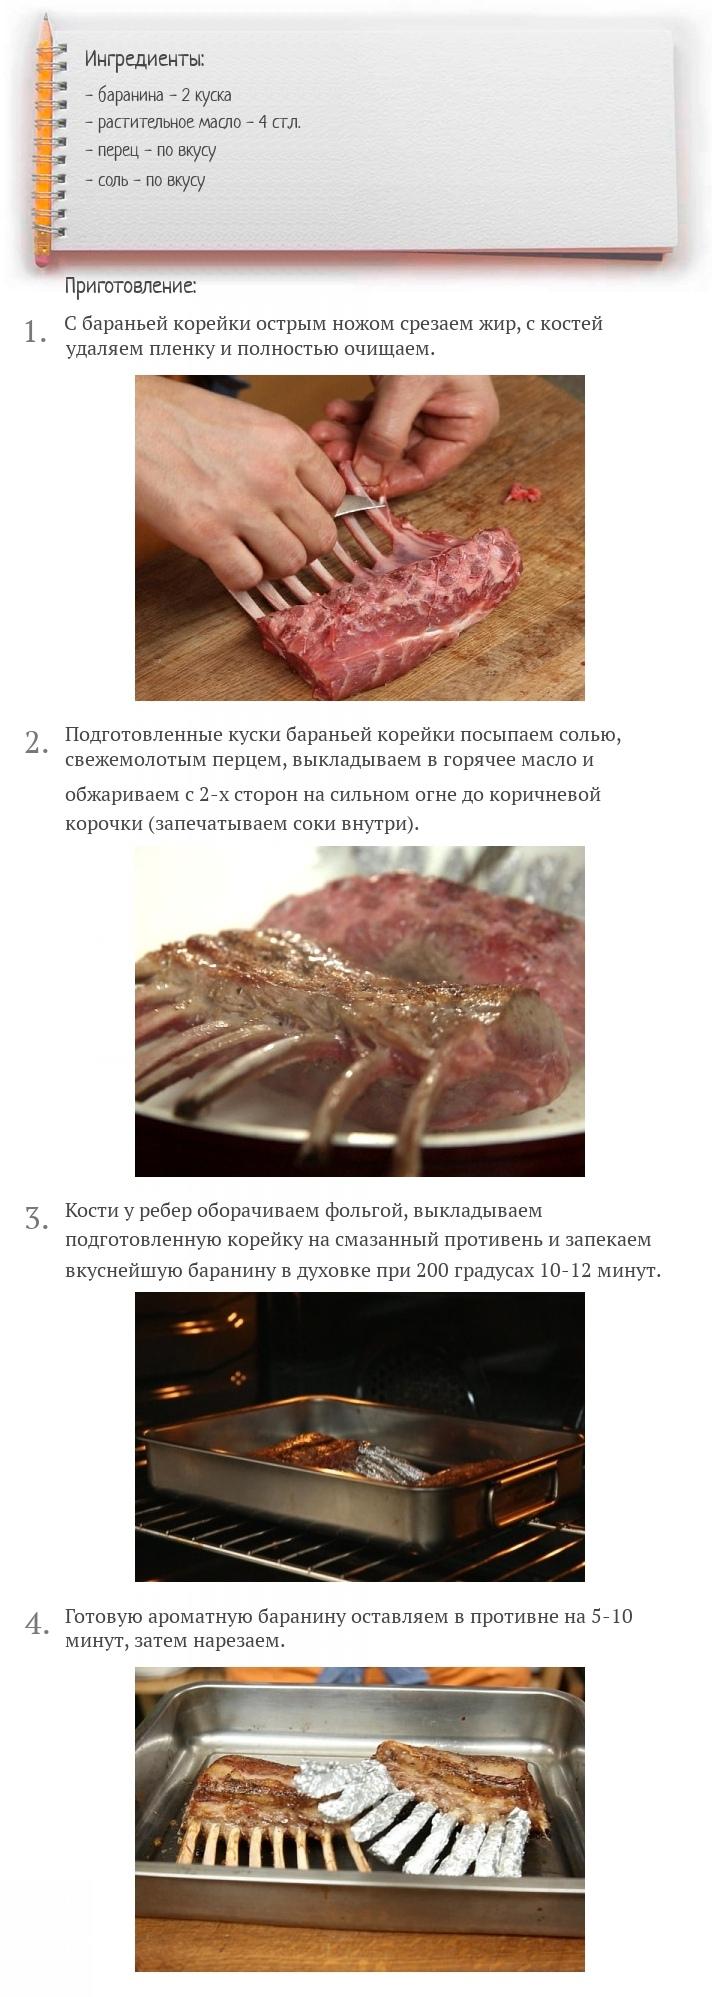 Баранья корейка на кости в духовке, изображение №2